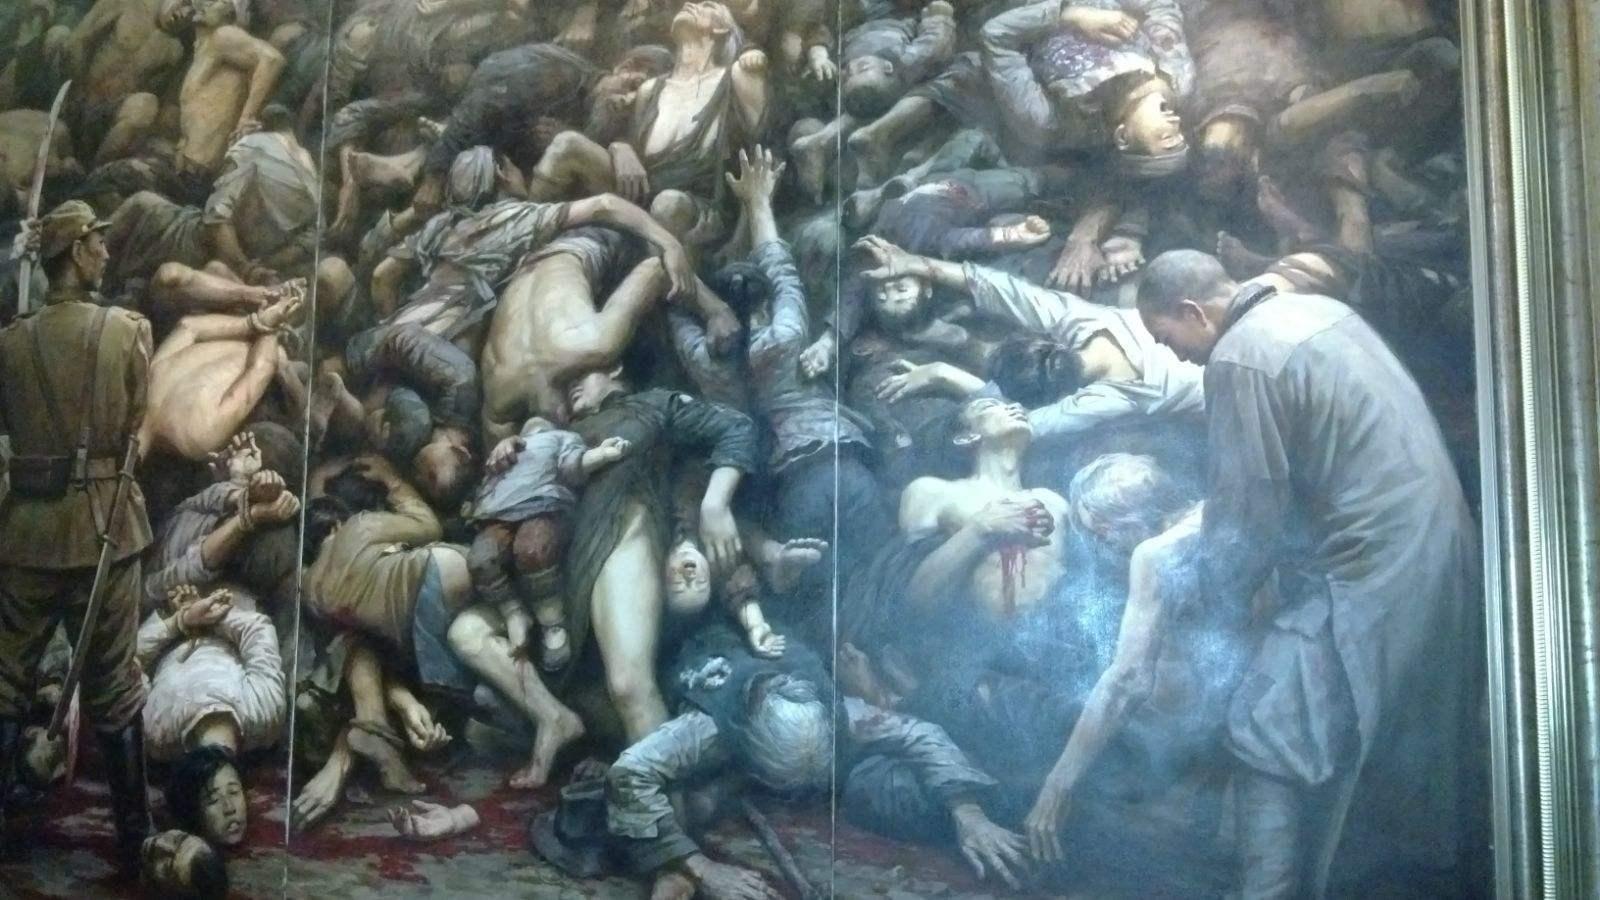 南京大屠杀在成都发现重要史料, 日本军队的暴行史